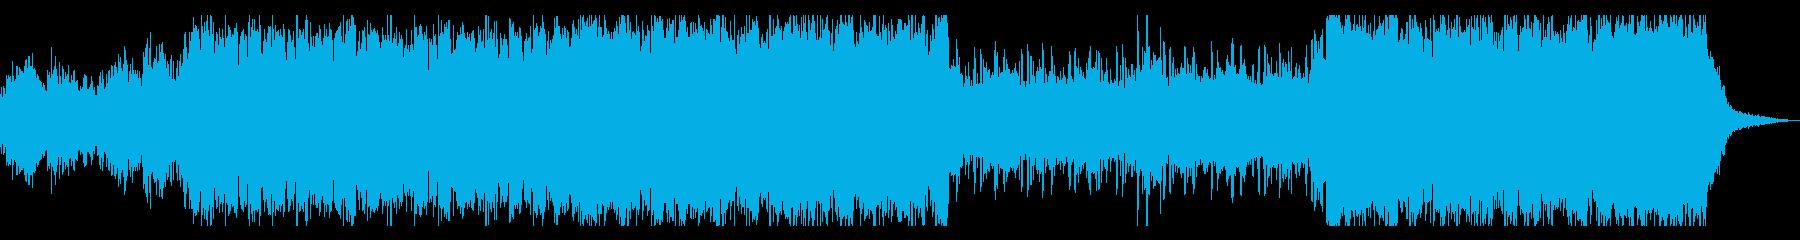 近未来的でクールなベースミュージックの再生済みの波形